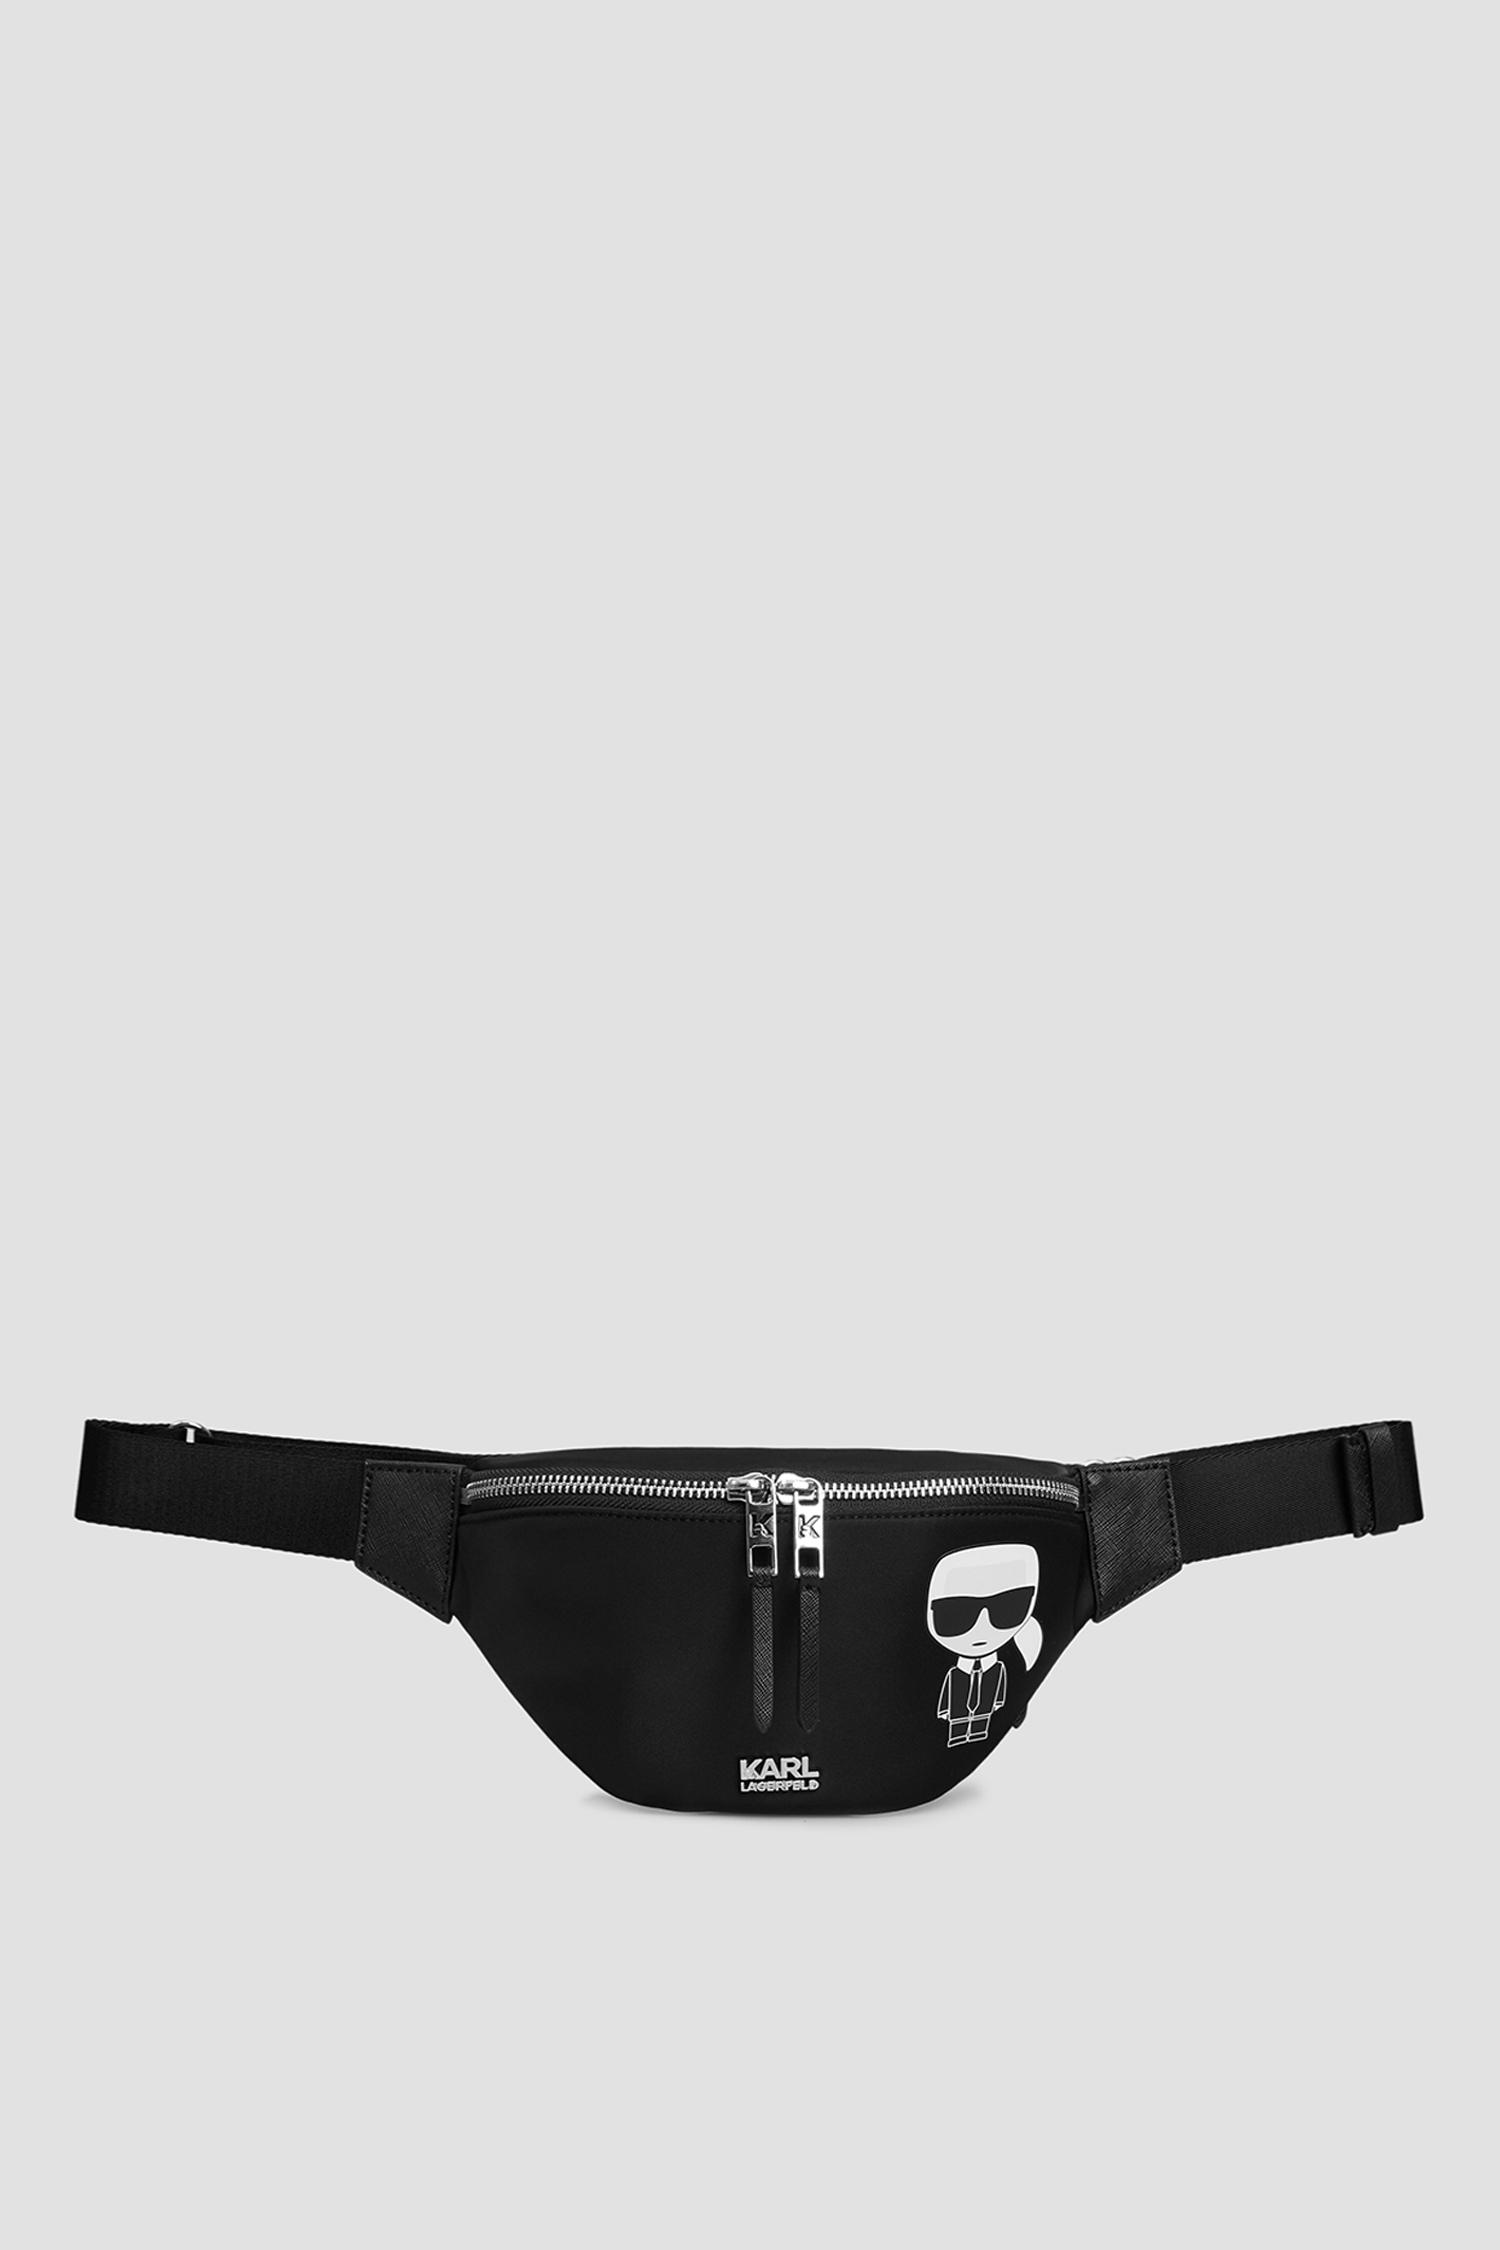 Чоловіча чорна поясна сумка Karl Lagerfeld 511199.805913;990